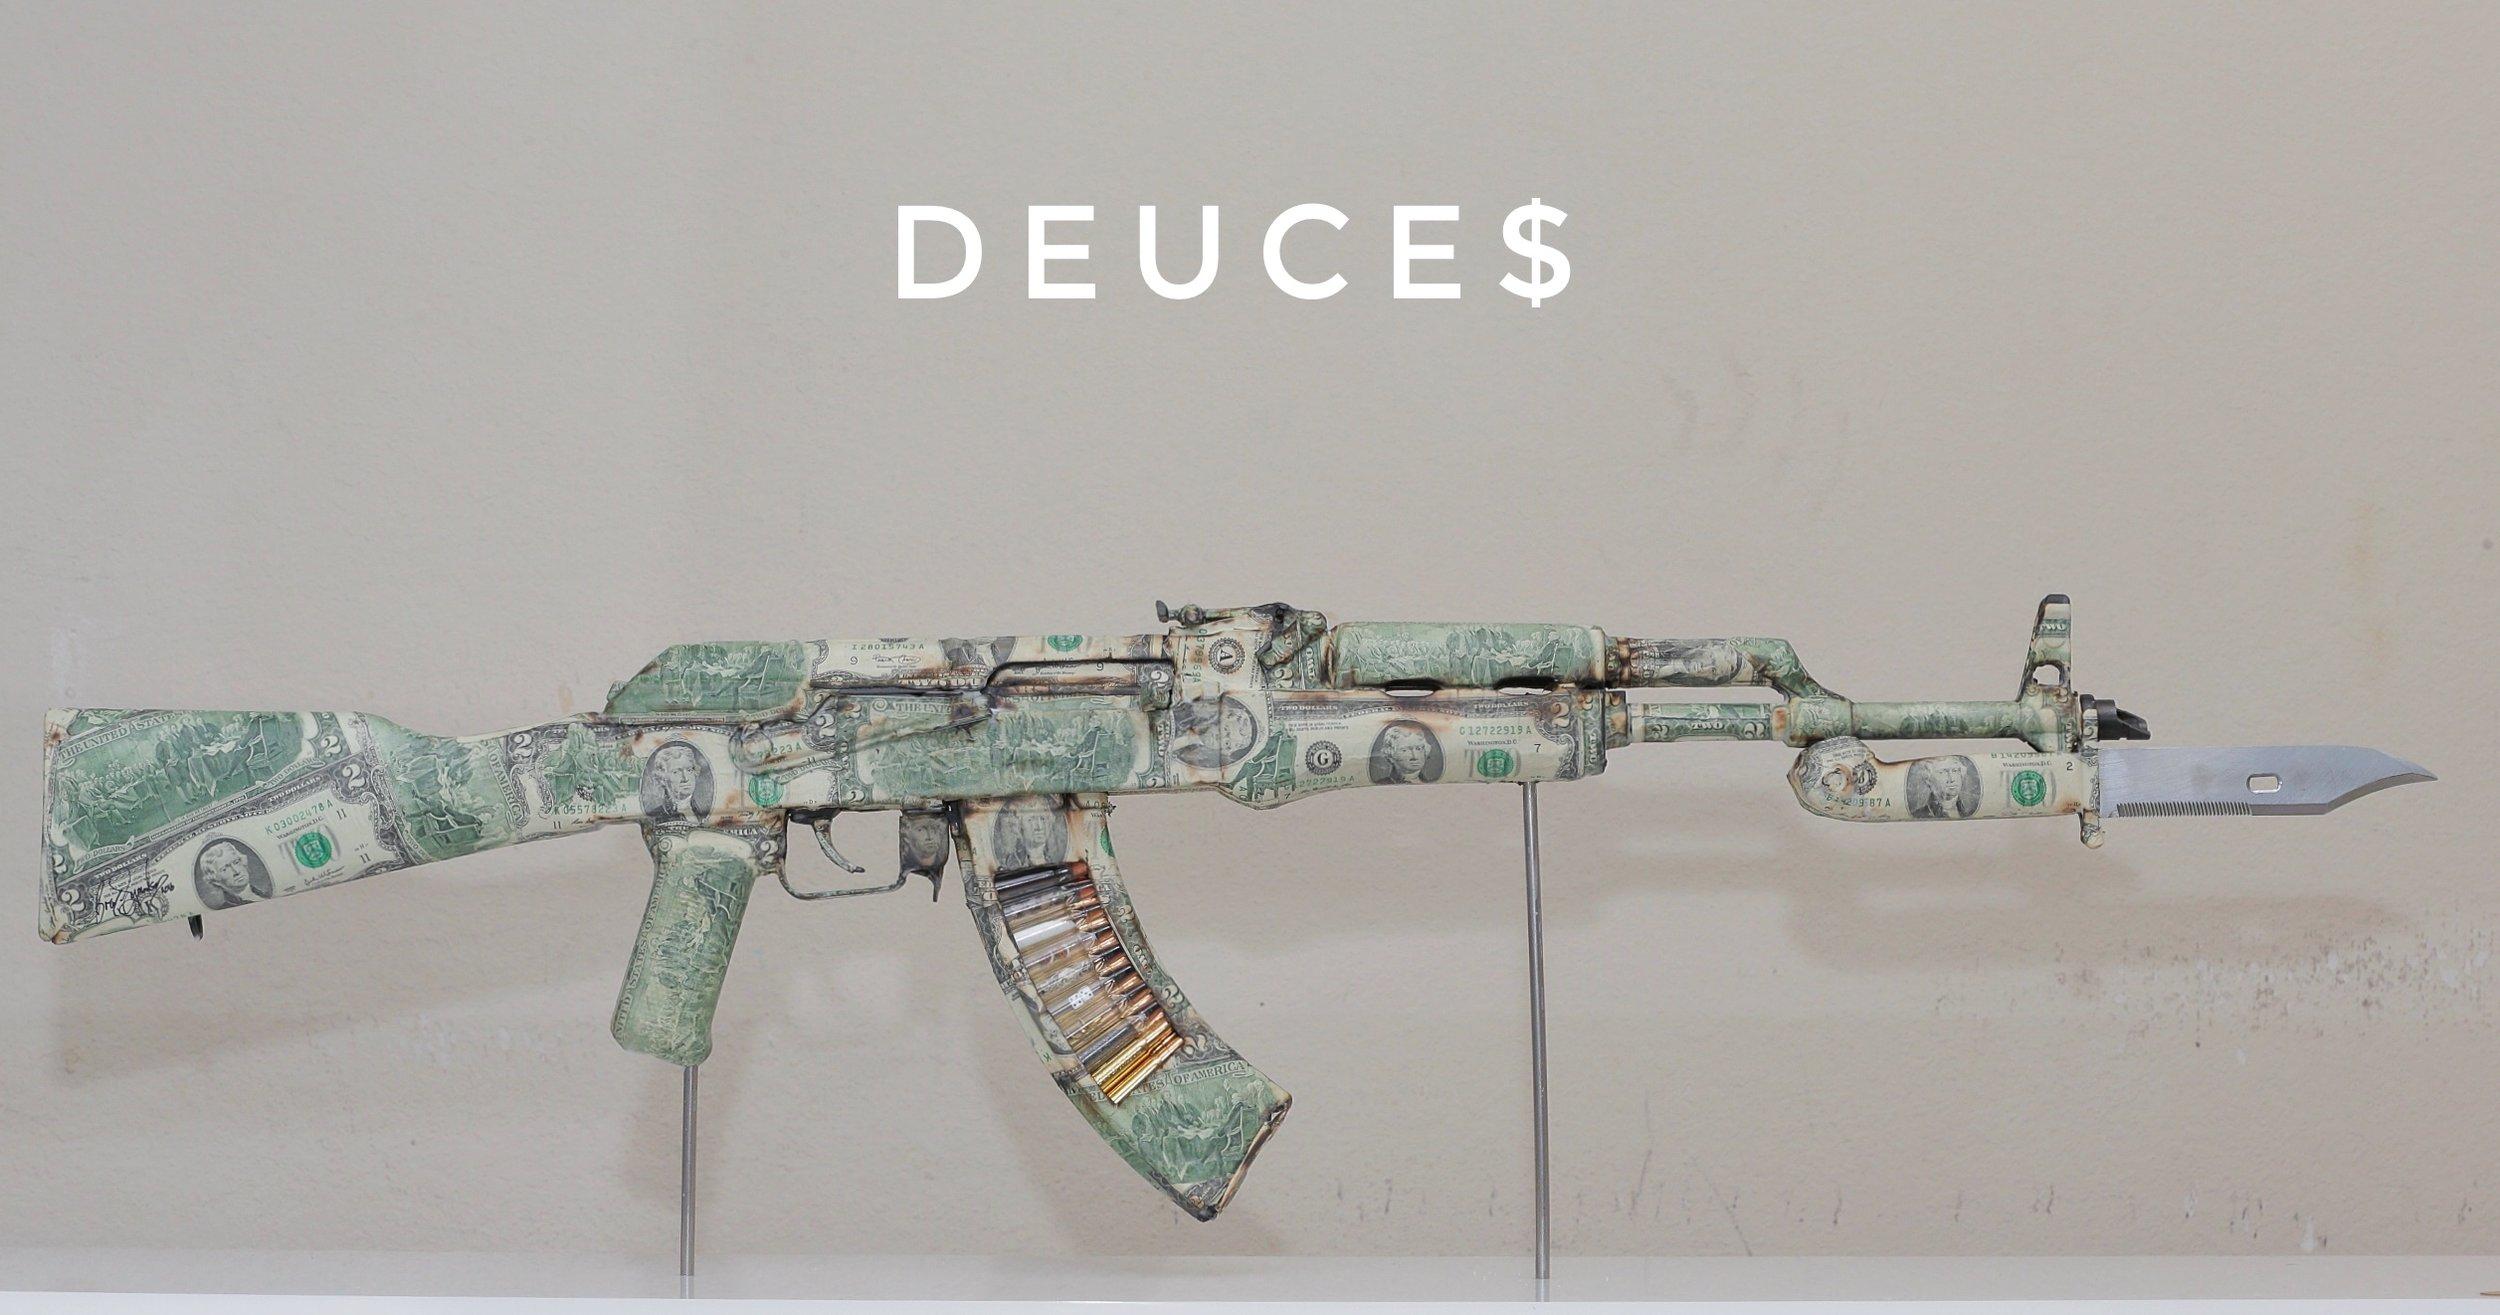 DEUCES